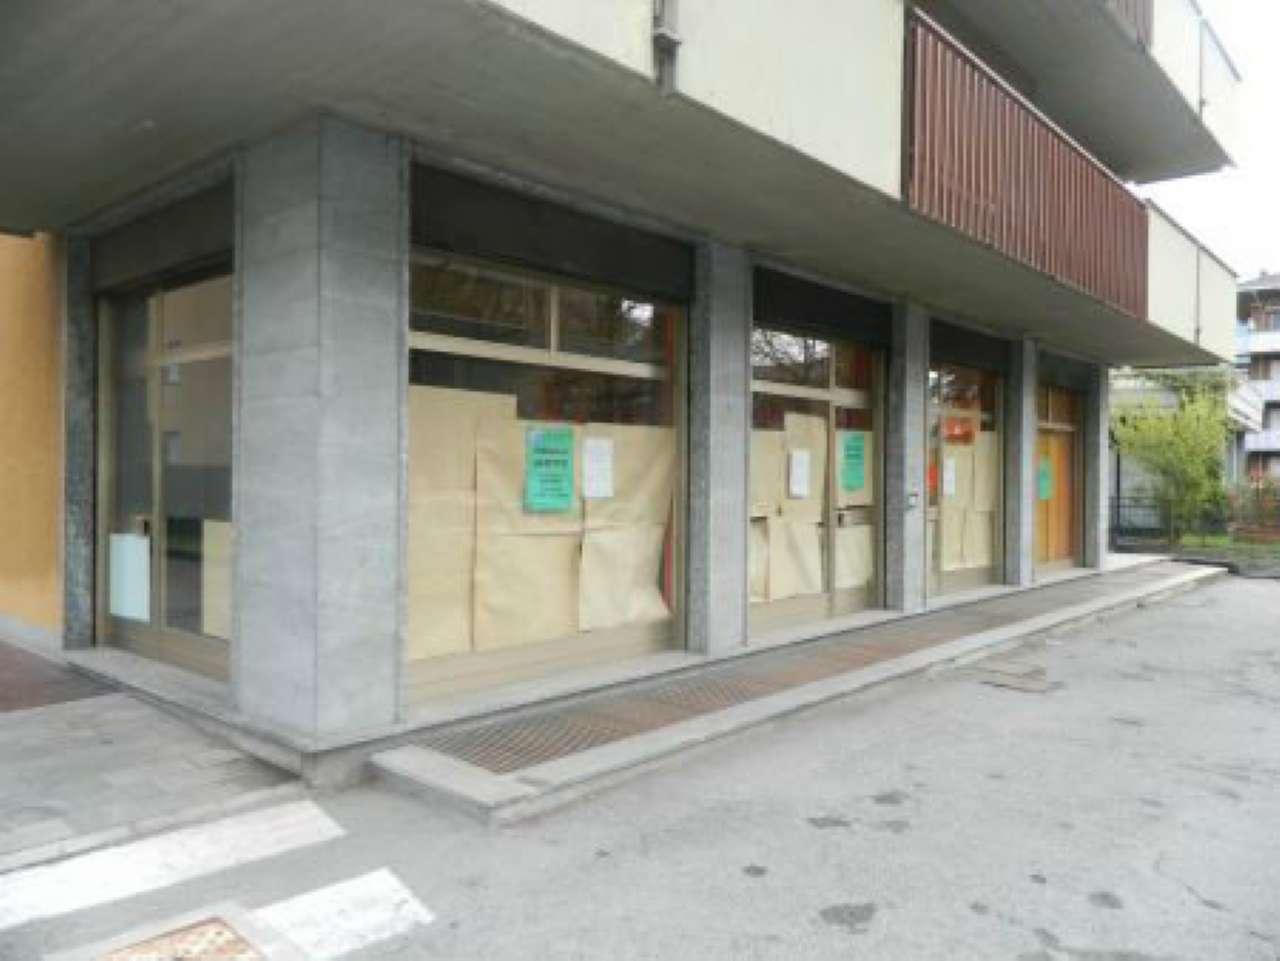 Negozio / Locale in vendita a Sondrio, 2 locali, prezzo € 145.000 | PortaleAgenzieImmobiliari.it